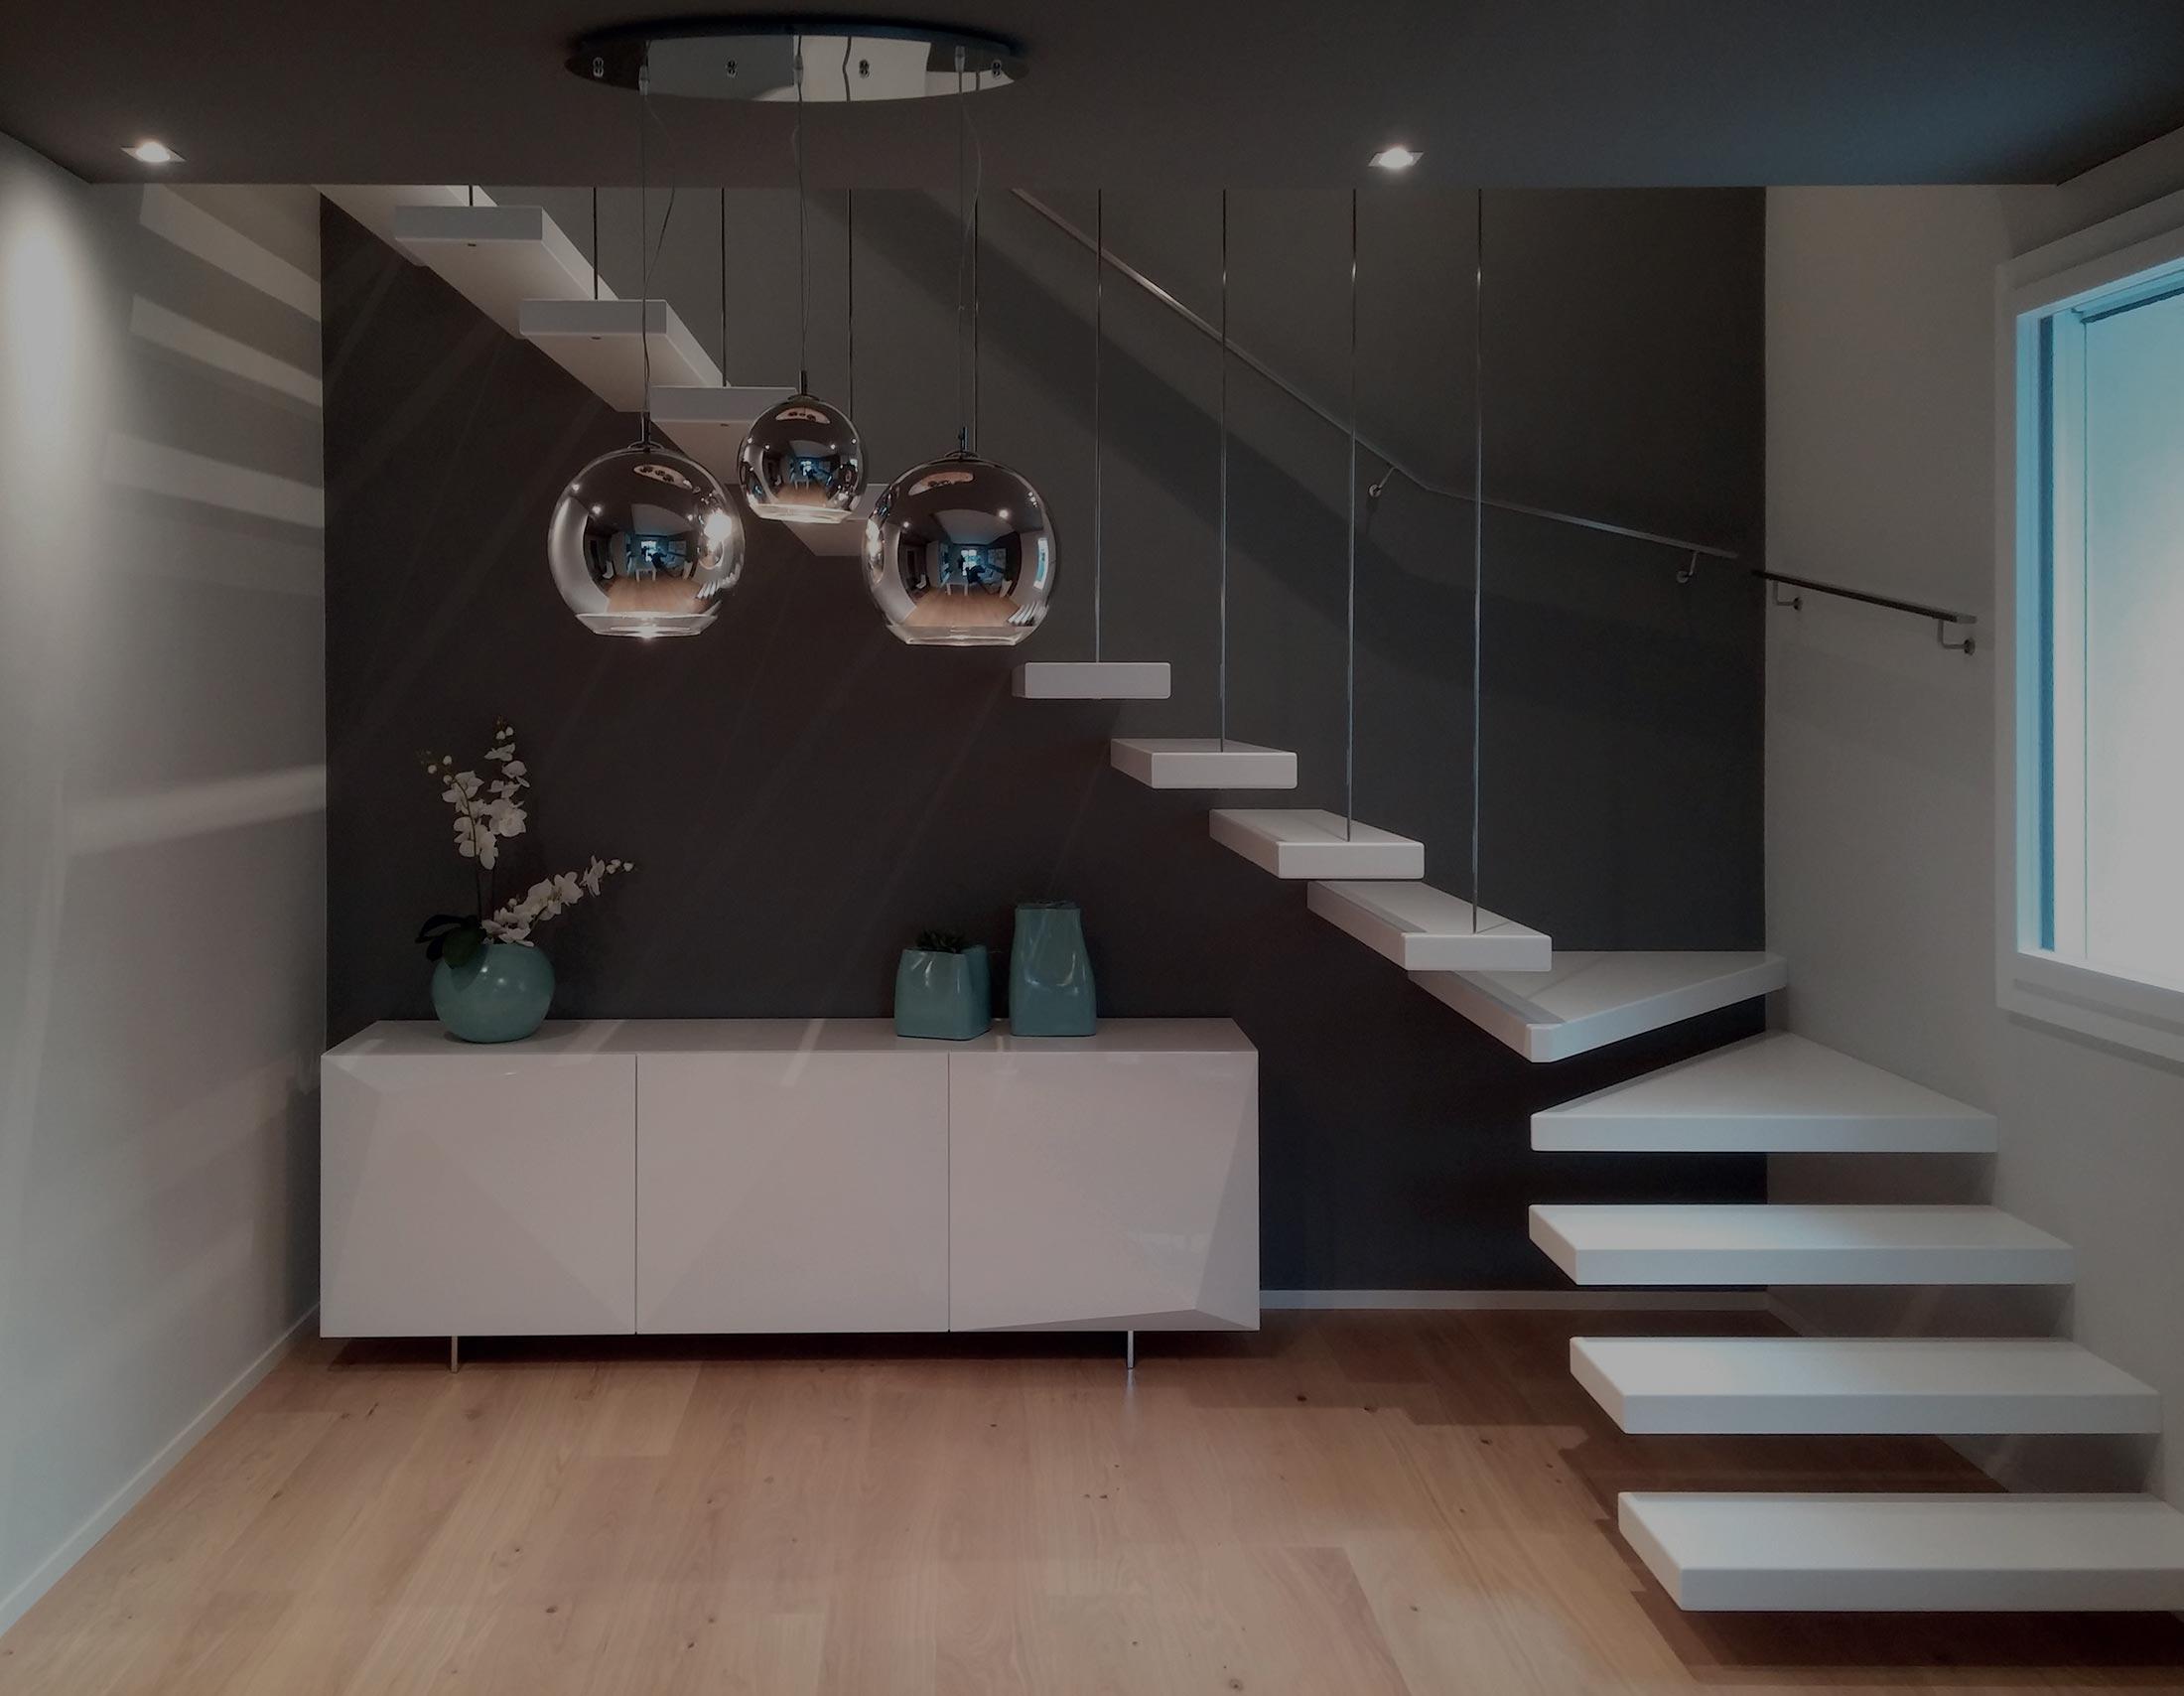 Cerchi scale interne e soppalchi di qualità? Scopri Scale Milano